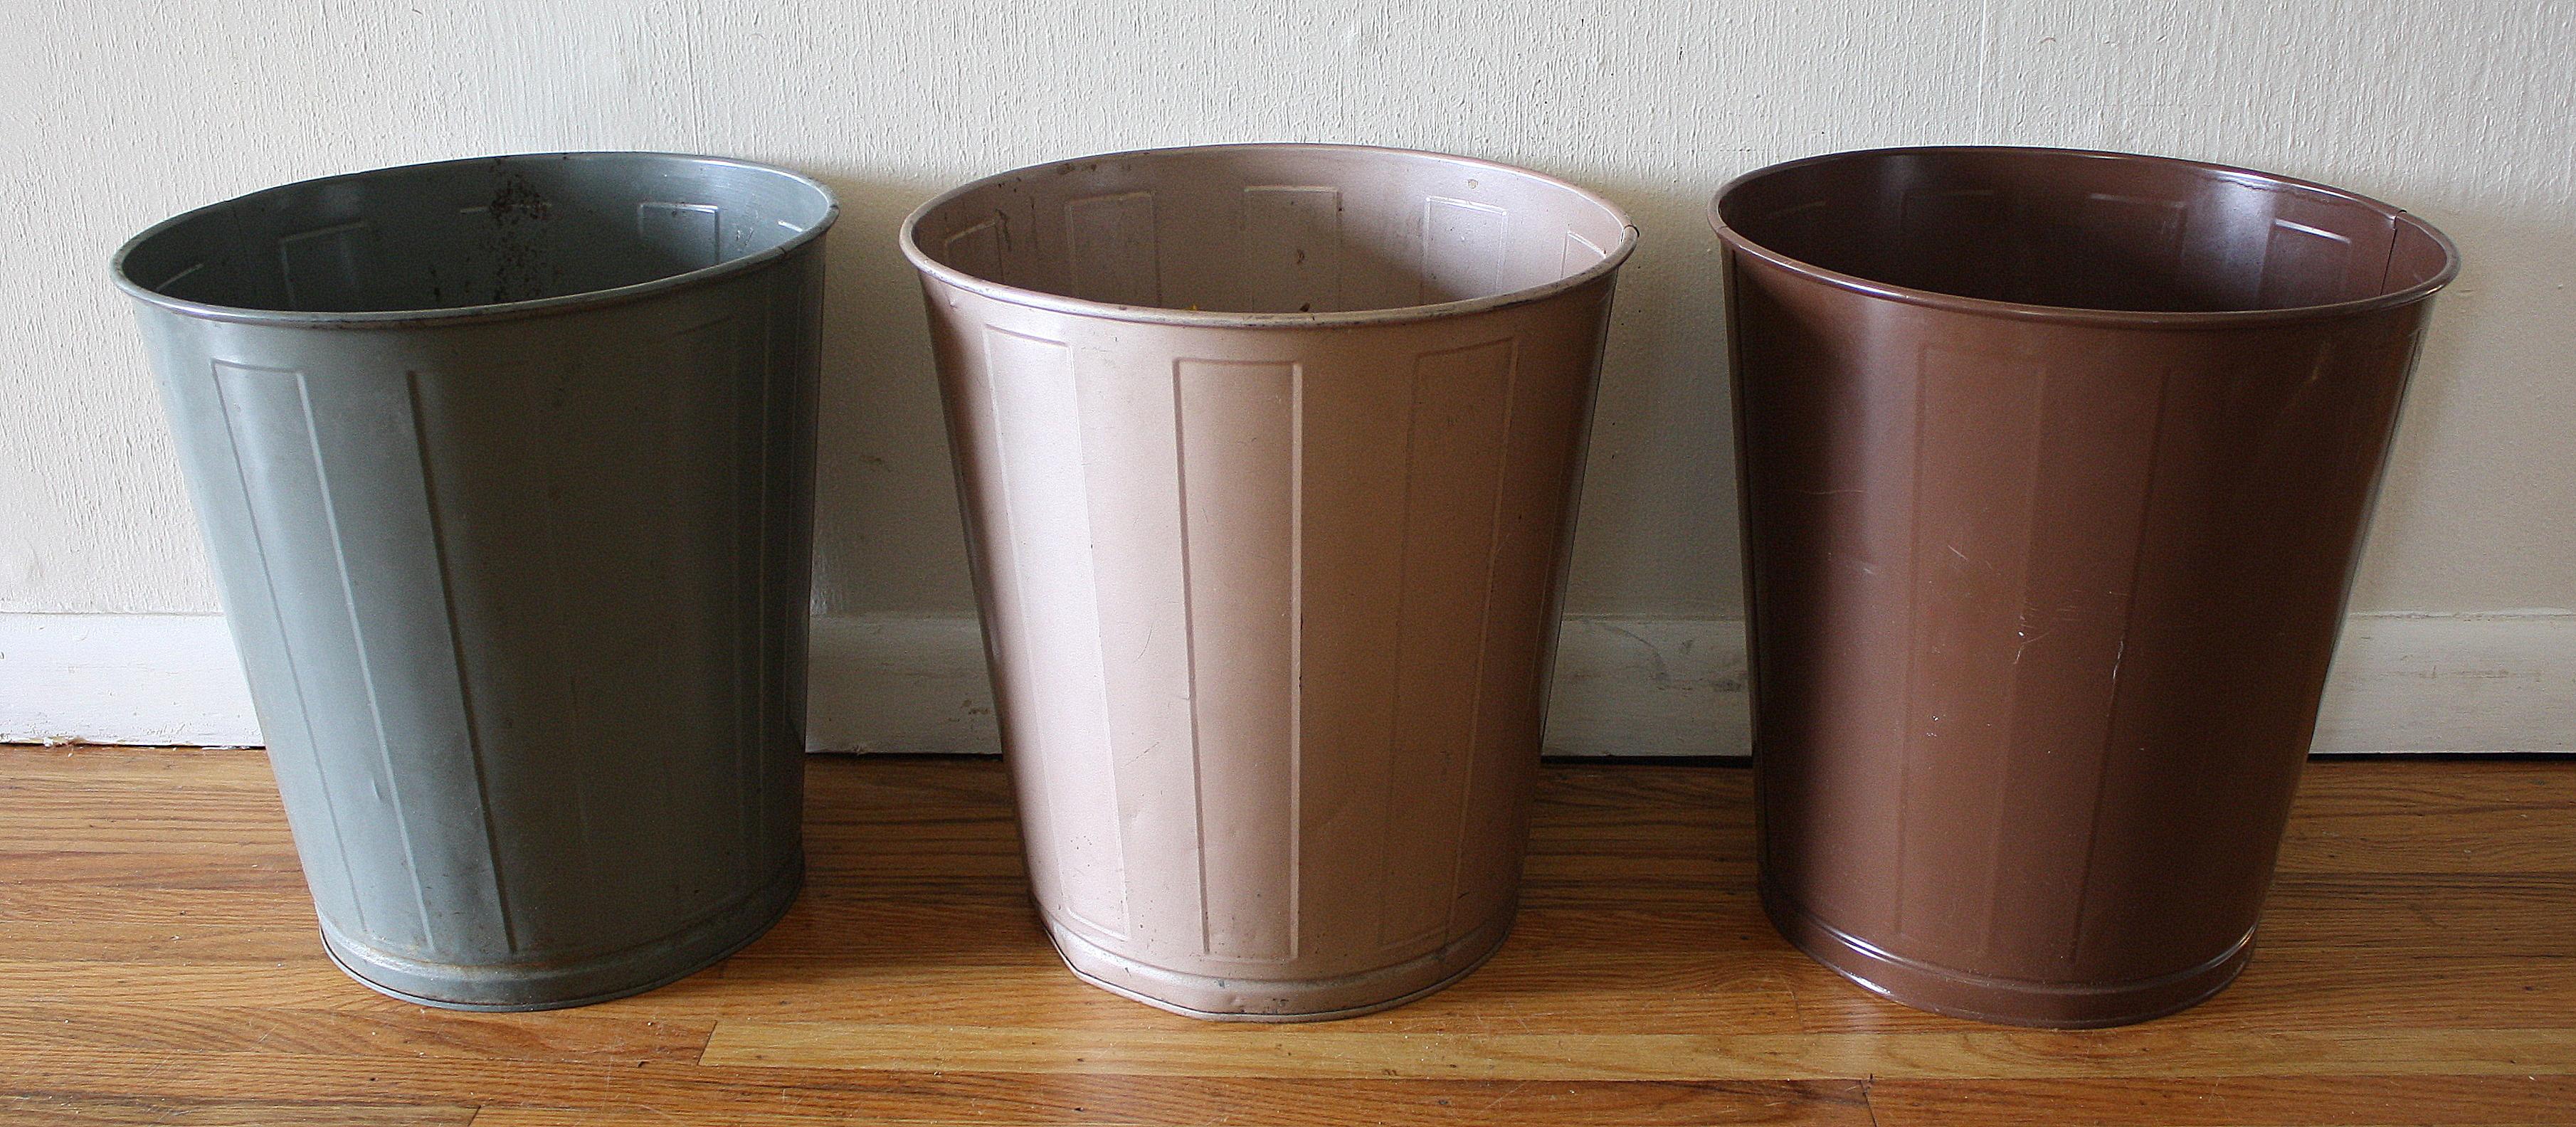 Kitchen Carts With Trash Bin Modern Home Design